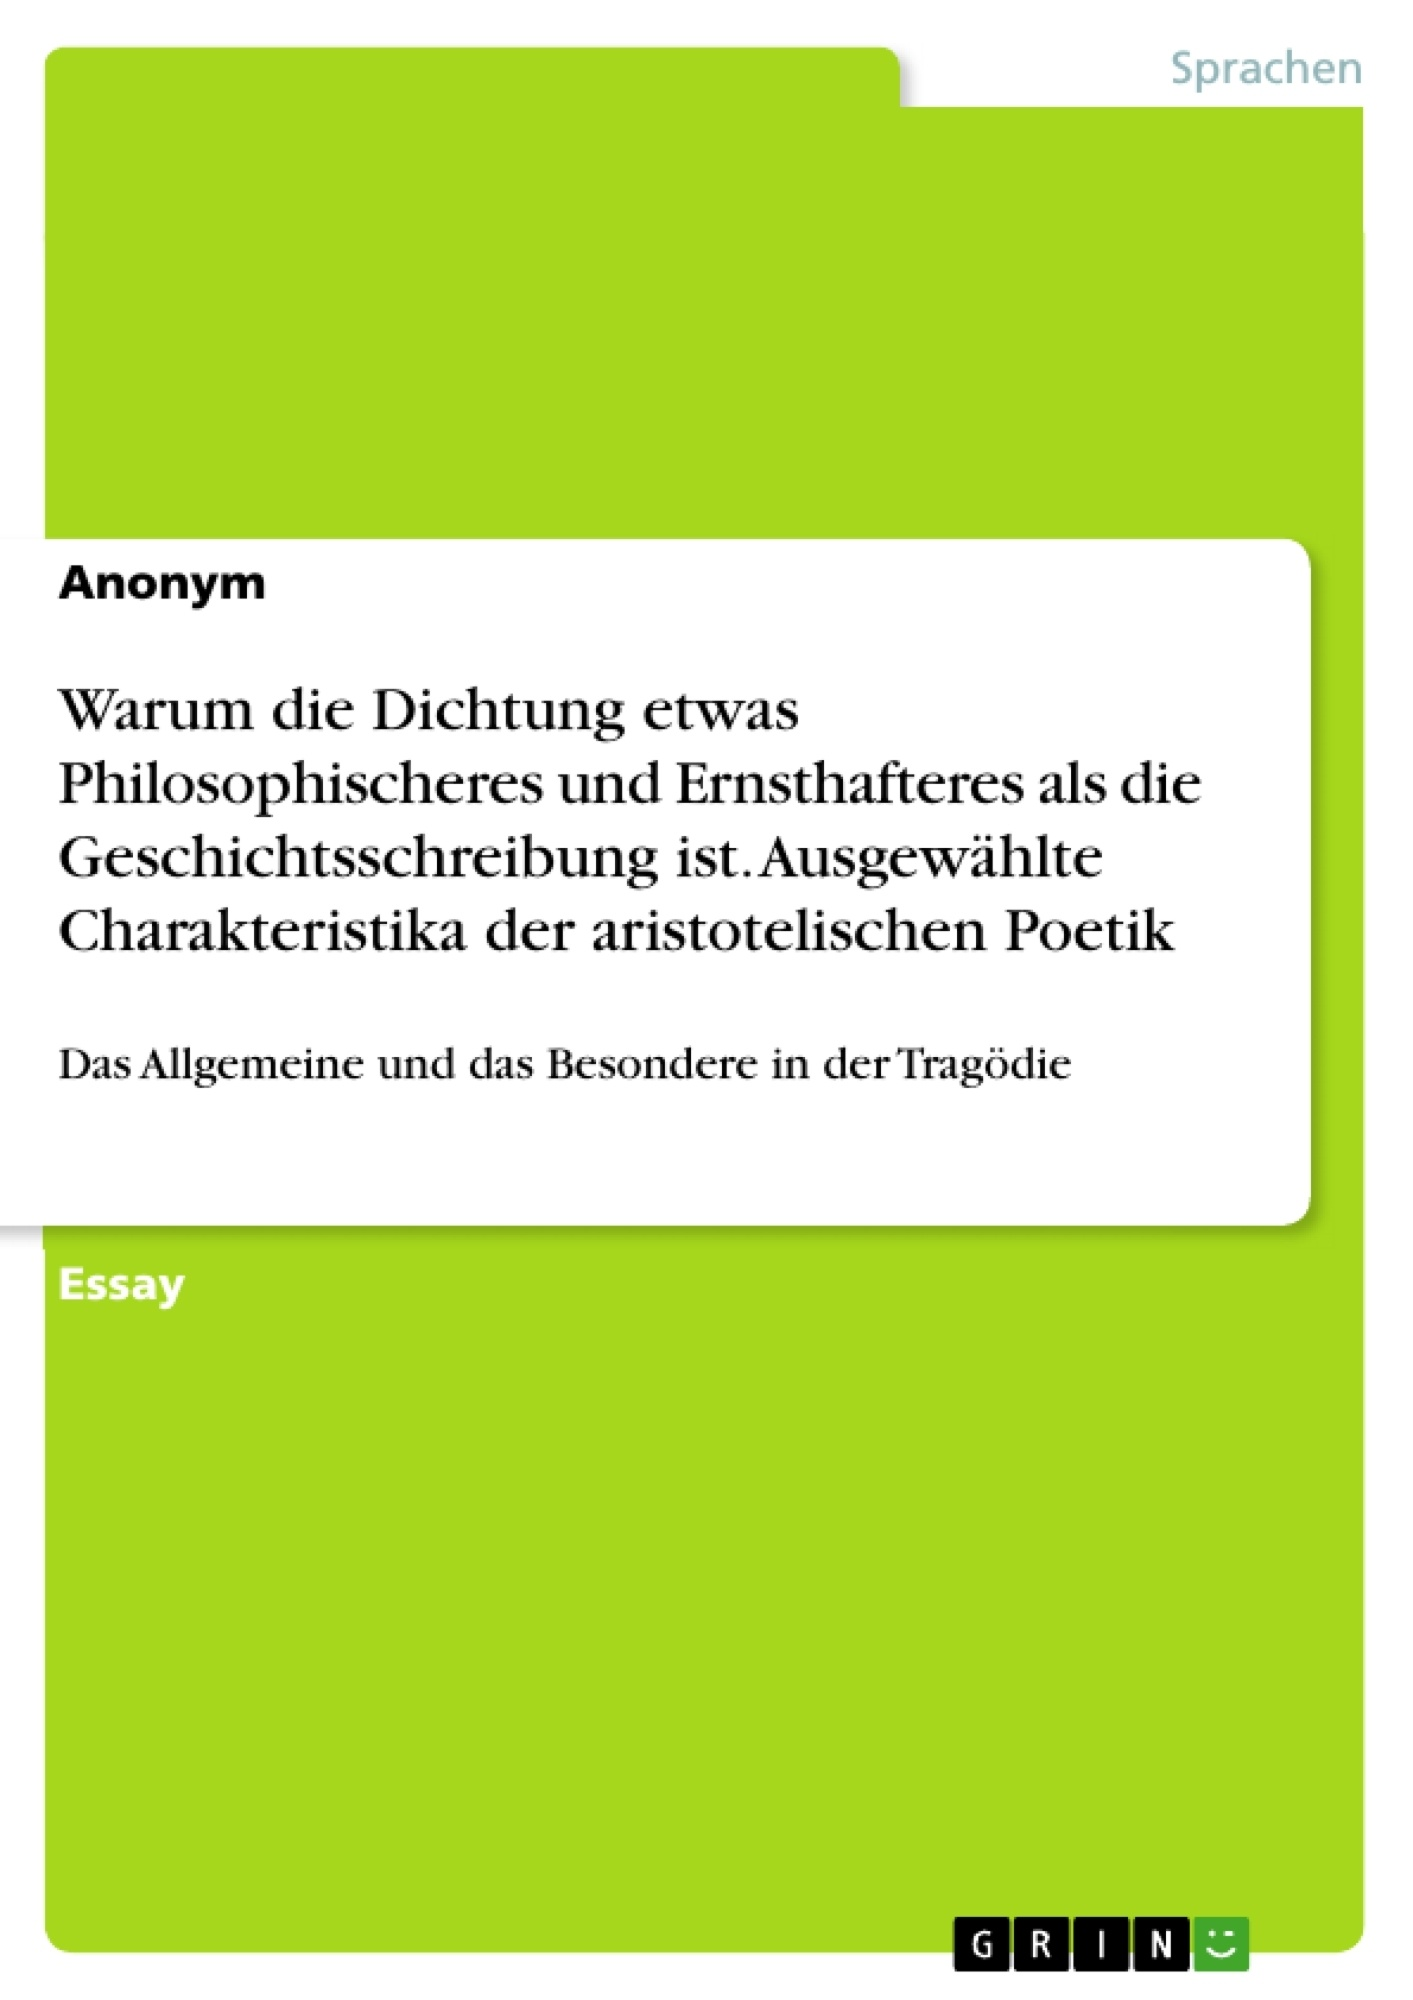 Titel: Warum die Dichtung etwas Philosophischeres und Ernsthafteres als die Geschichtsschreibung ist. Ausgewählte Charakteristika der aristotelischen Poetik